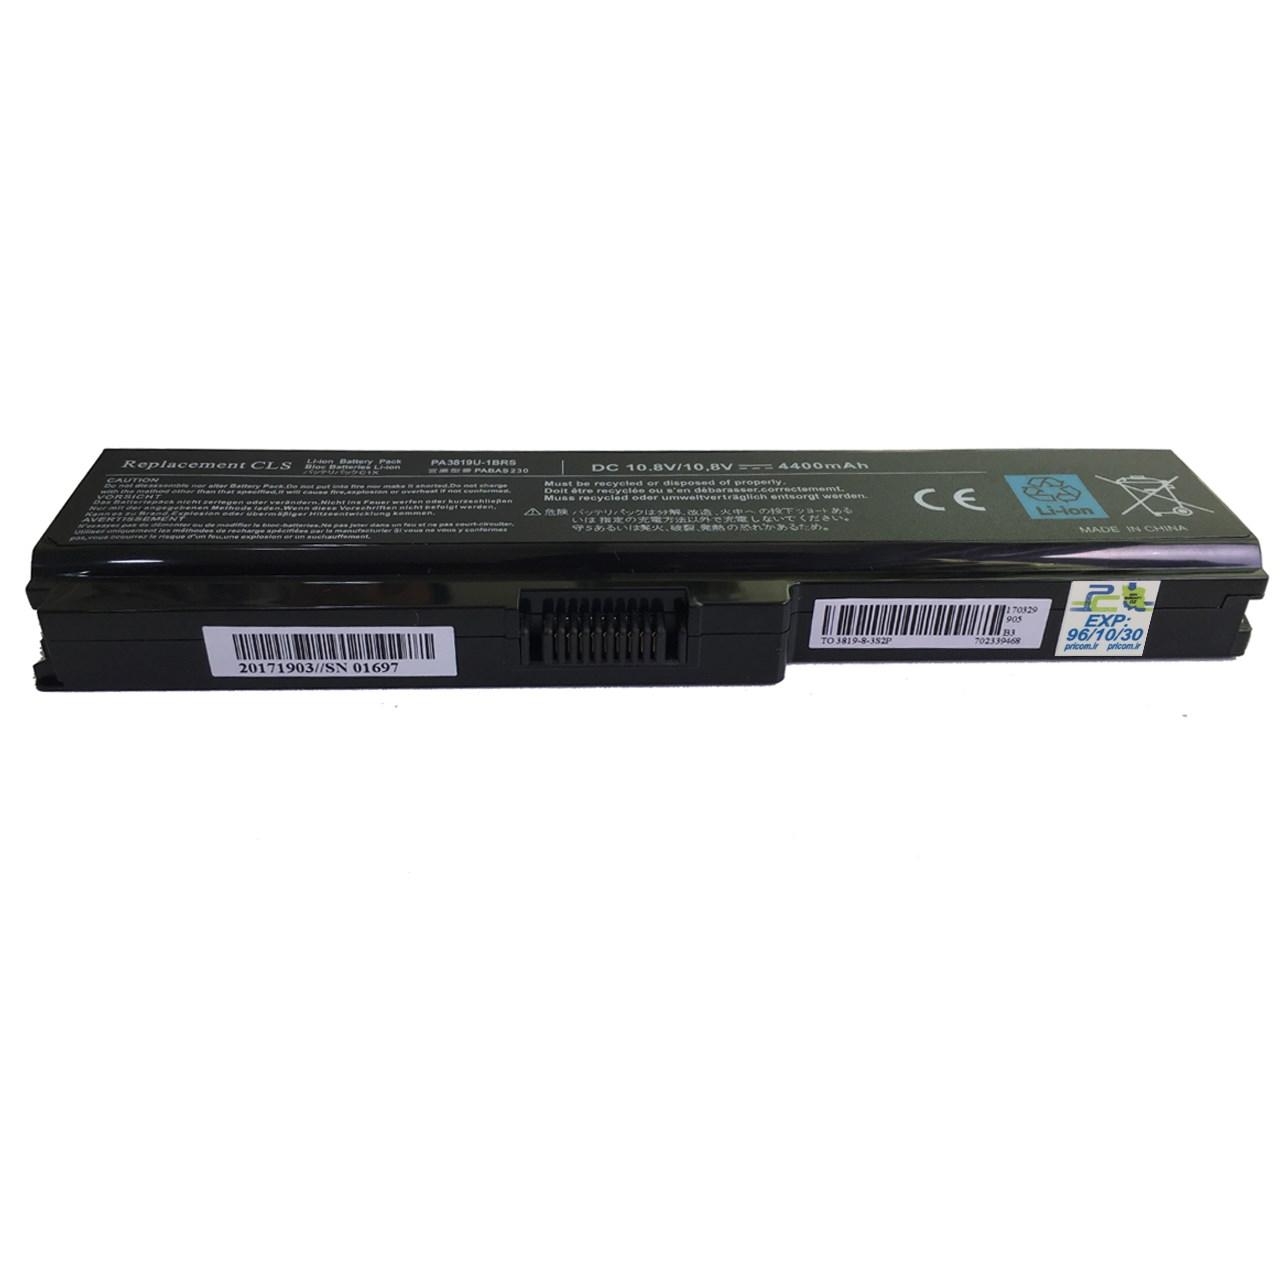 بررسی و {خرید با تخفیف} باتری لپ تاپ 6 سلولی مناسب برای لپ تاپ توشیبا 3819 غیر اصلاصل